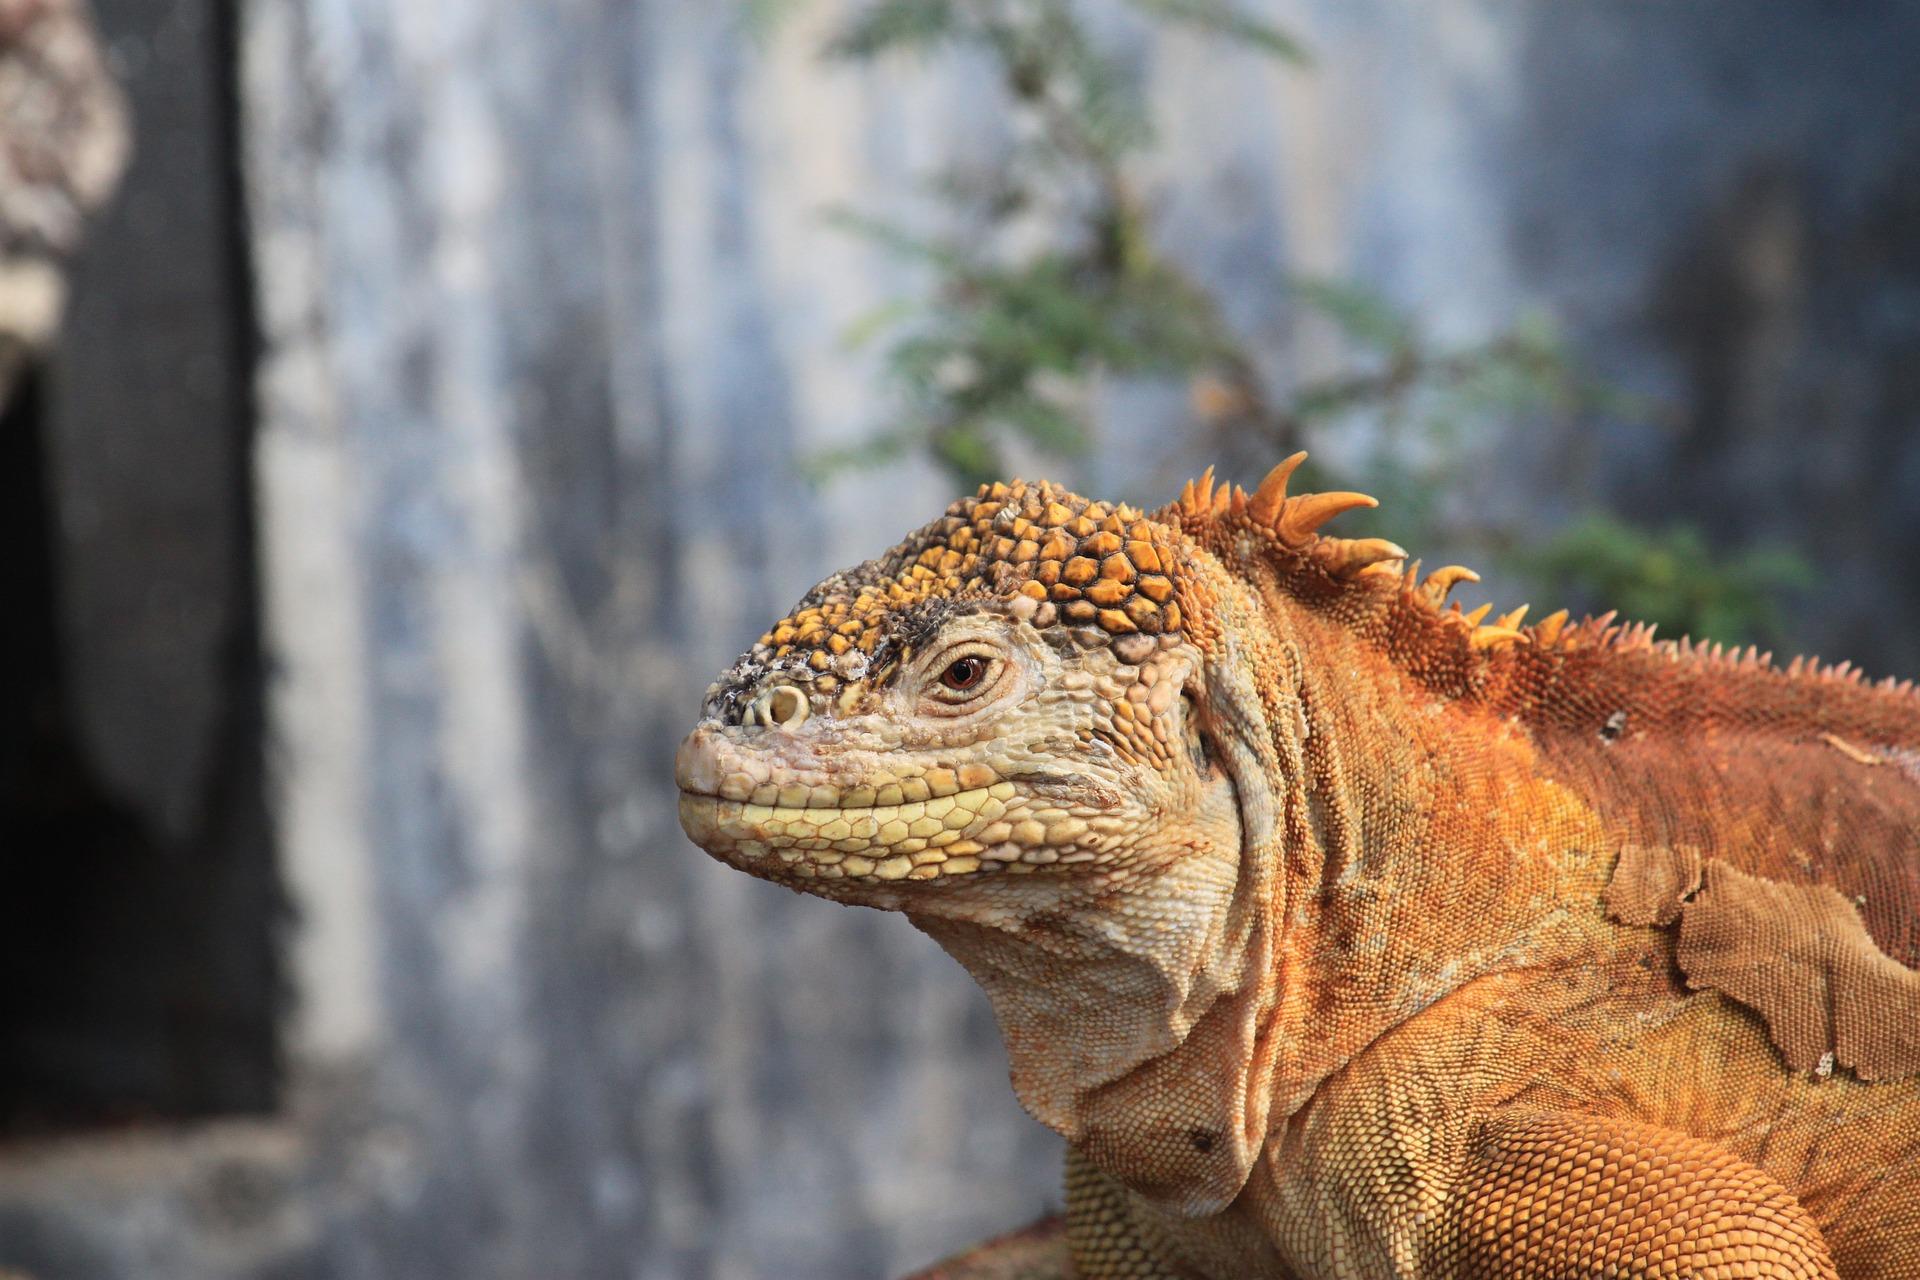 land-iguana-894478_1920